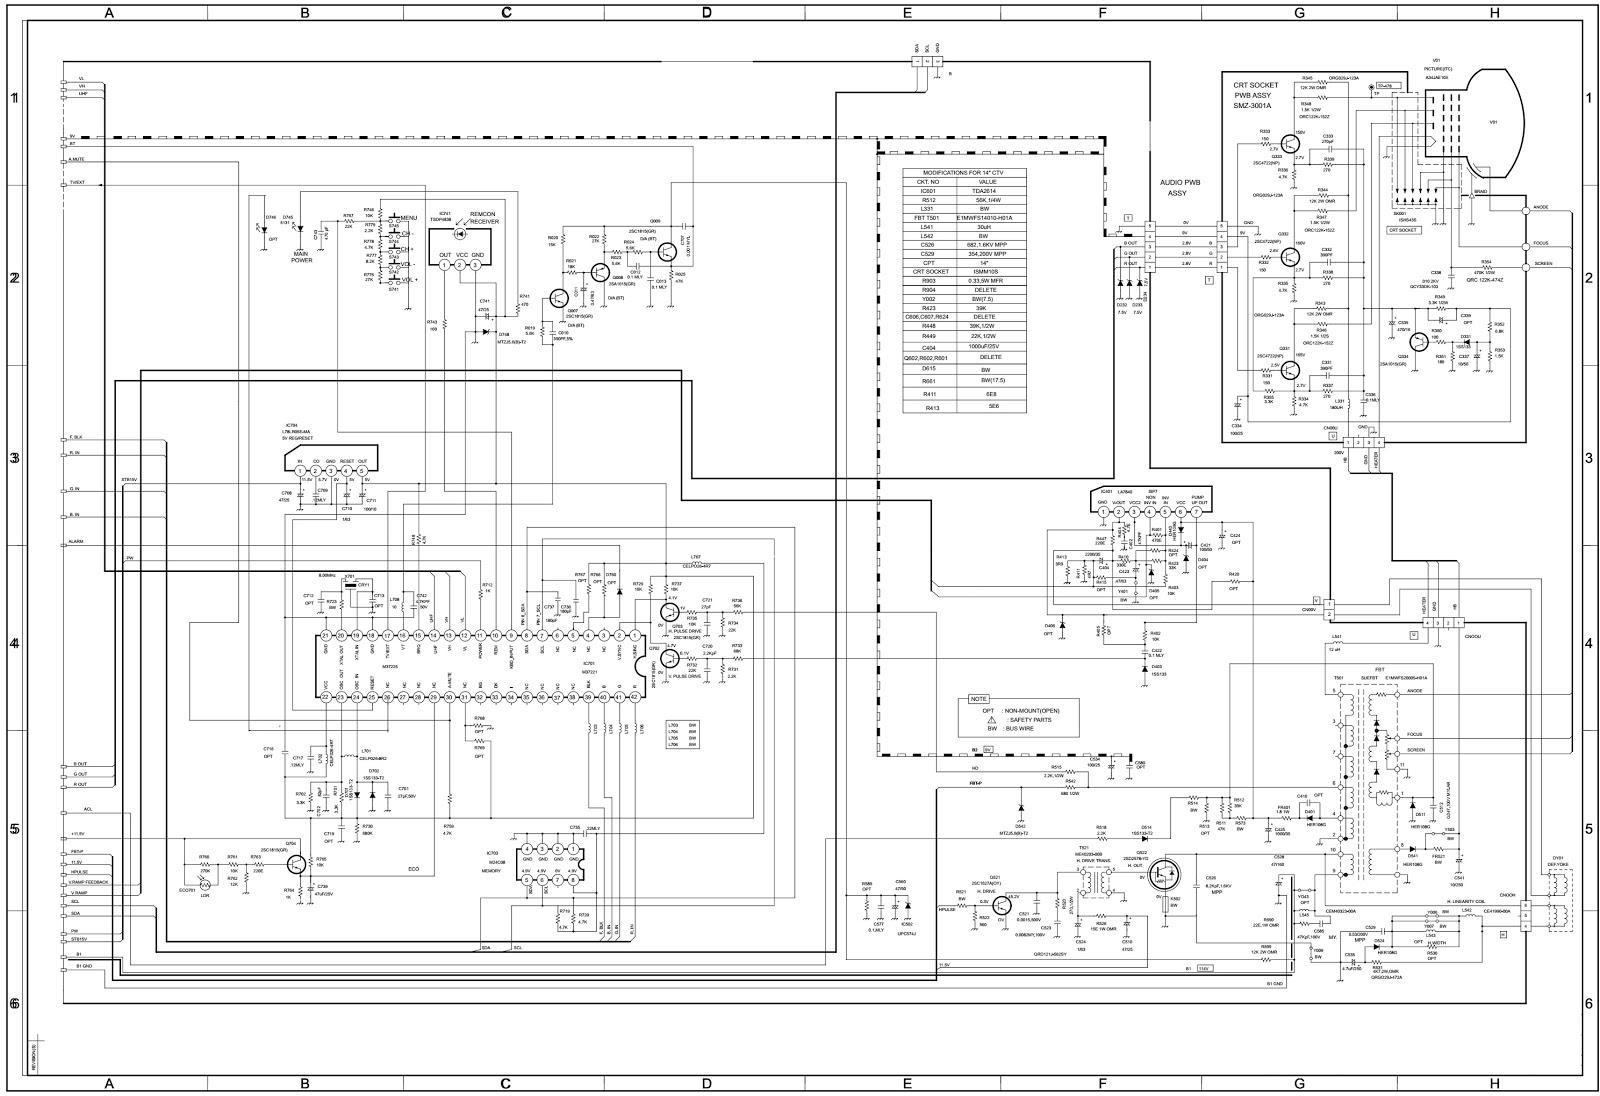 medium resolution of b w tv circuit diagram wiring diagram repair guides b w tv circuit diagram